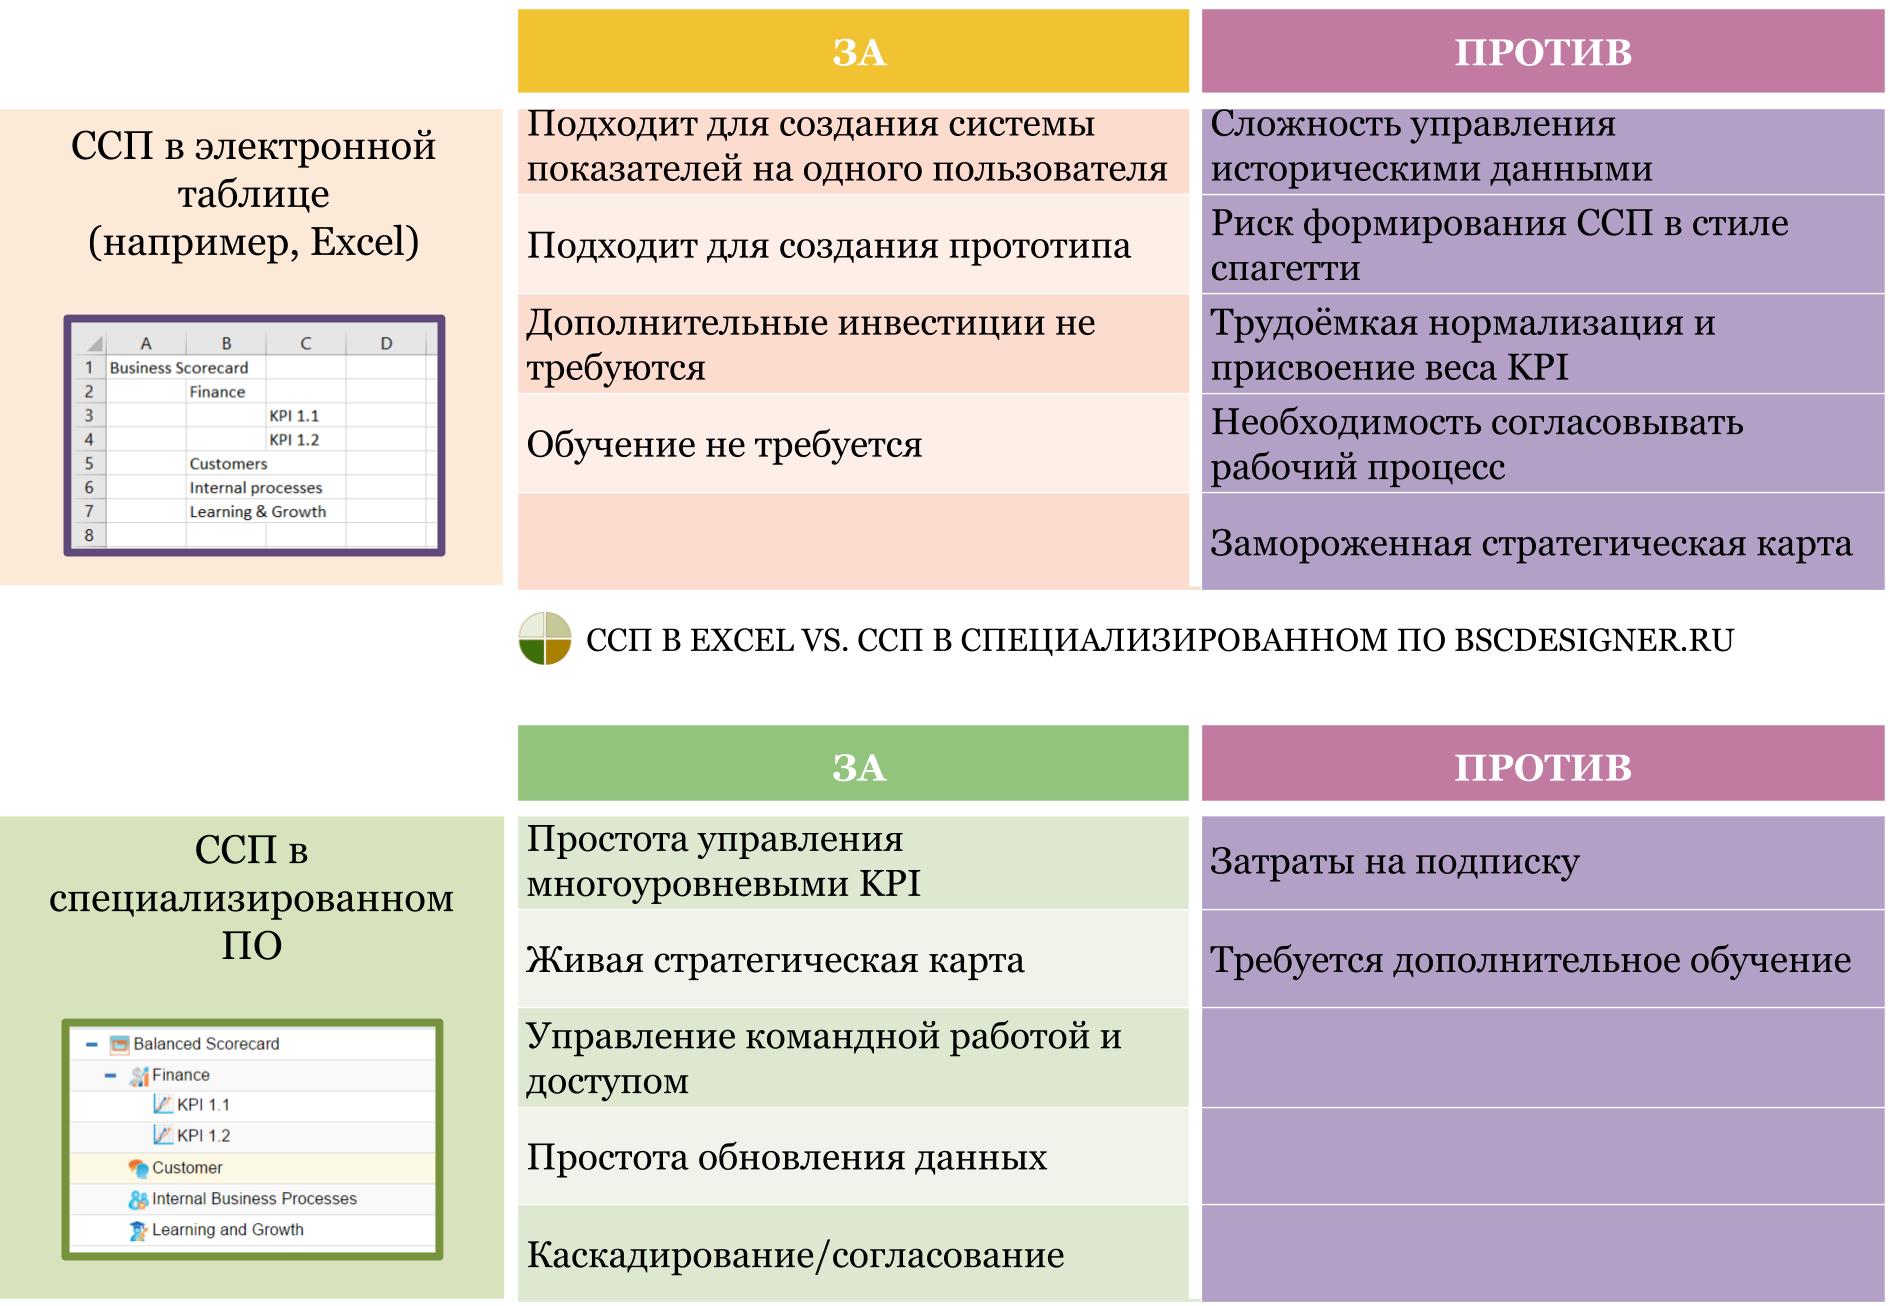 Система показателей KPI в электронной таблице Excel vs. система показателей KPI в специализированном ПО: ЗА и ПРОТИВ